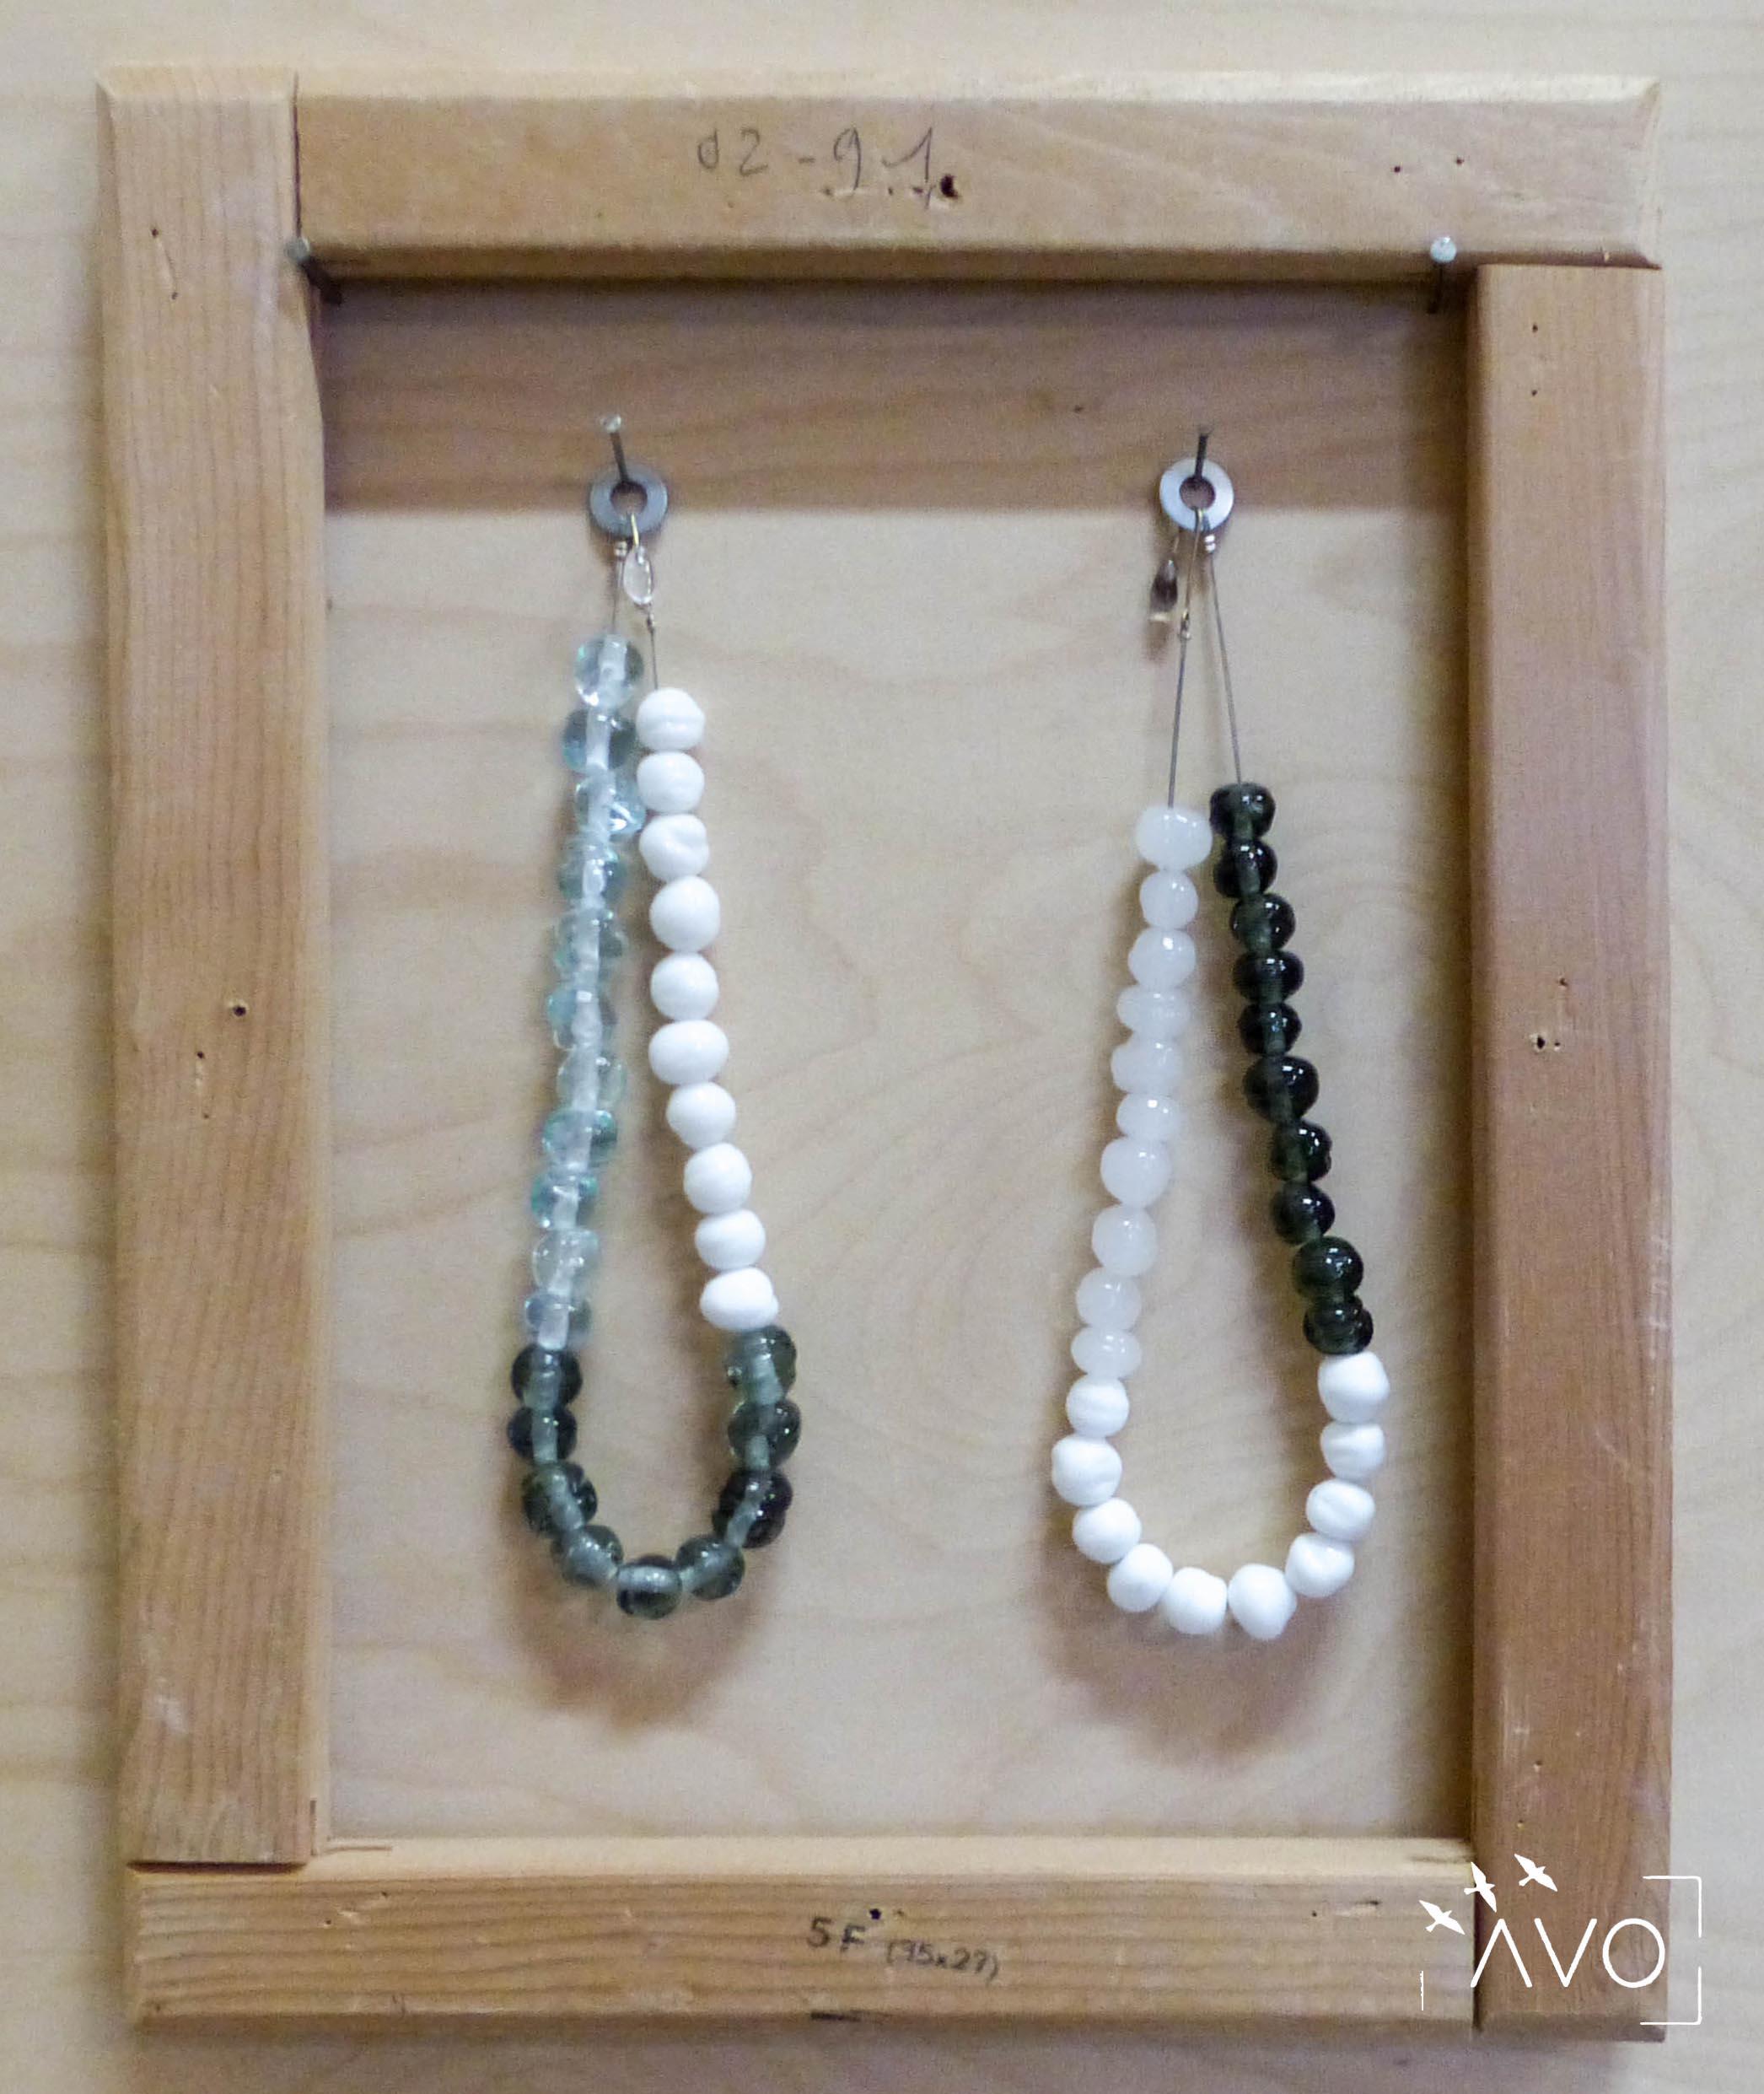 julia robert verrerie chazelles atelier verre bijoux